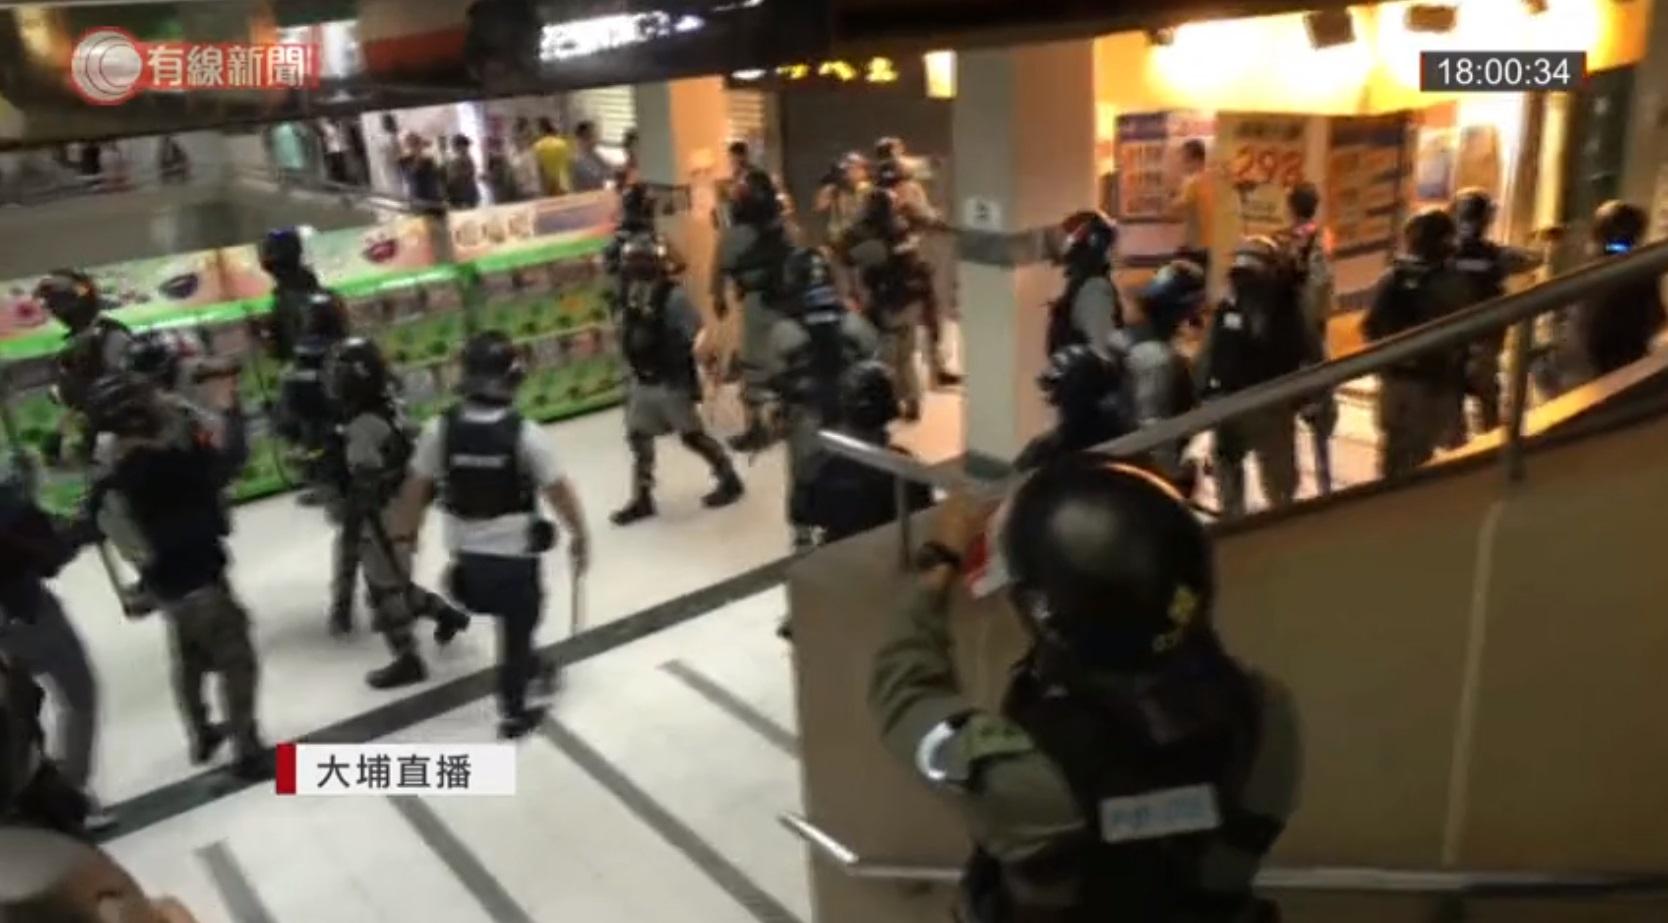 警方衝入大埔超級城截查可疑黑衣人士。有線新聞截圖